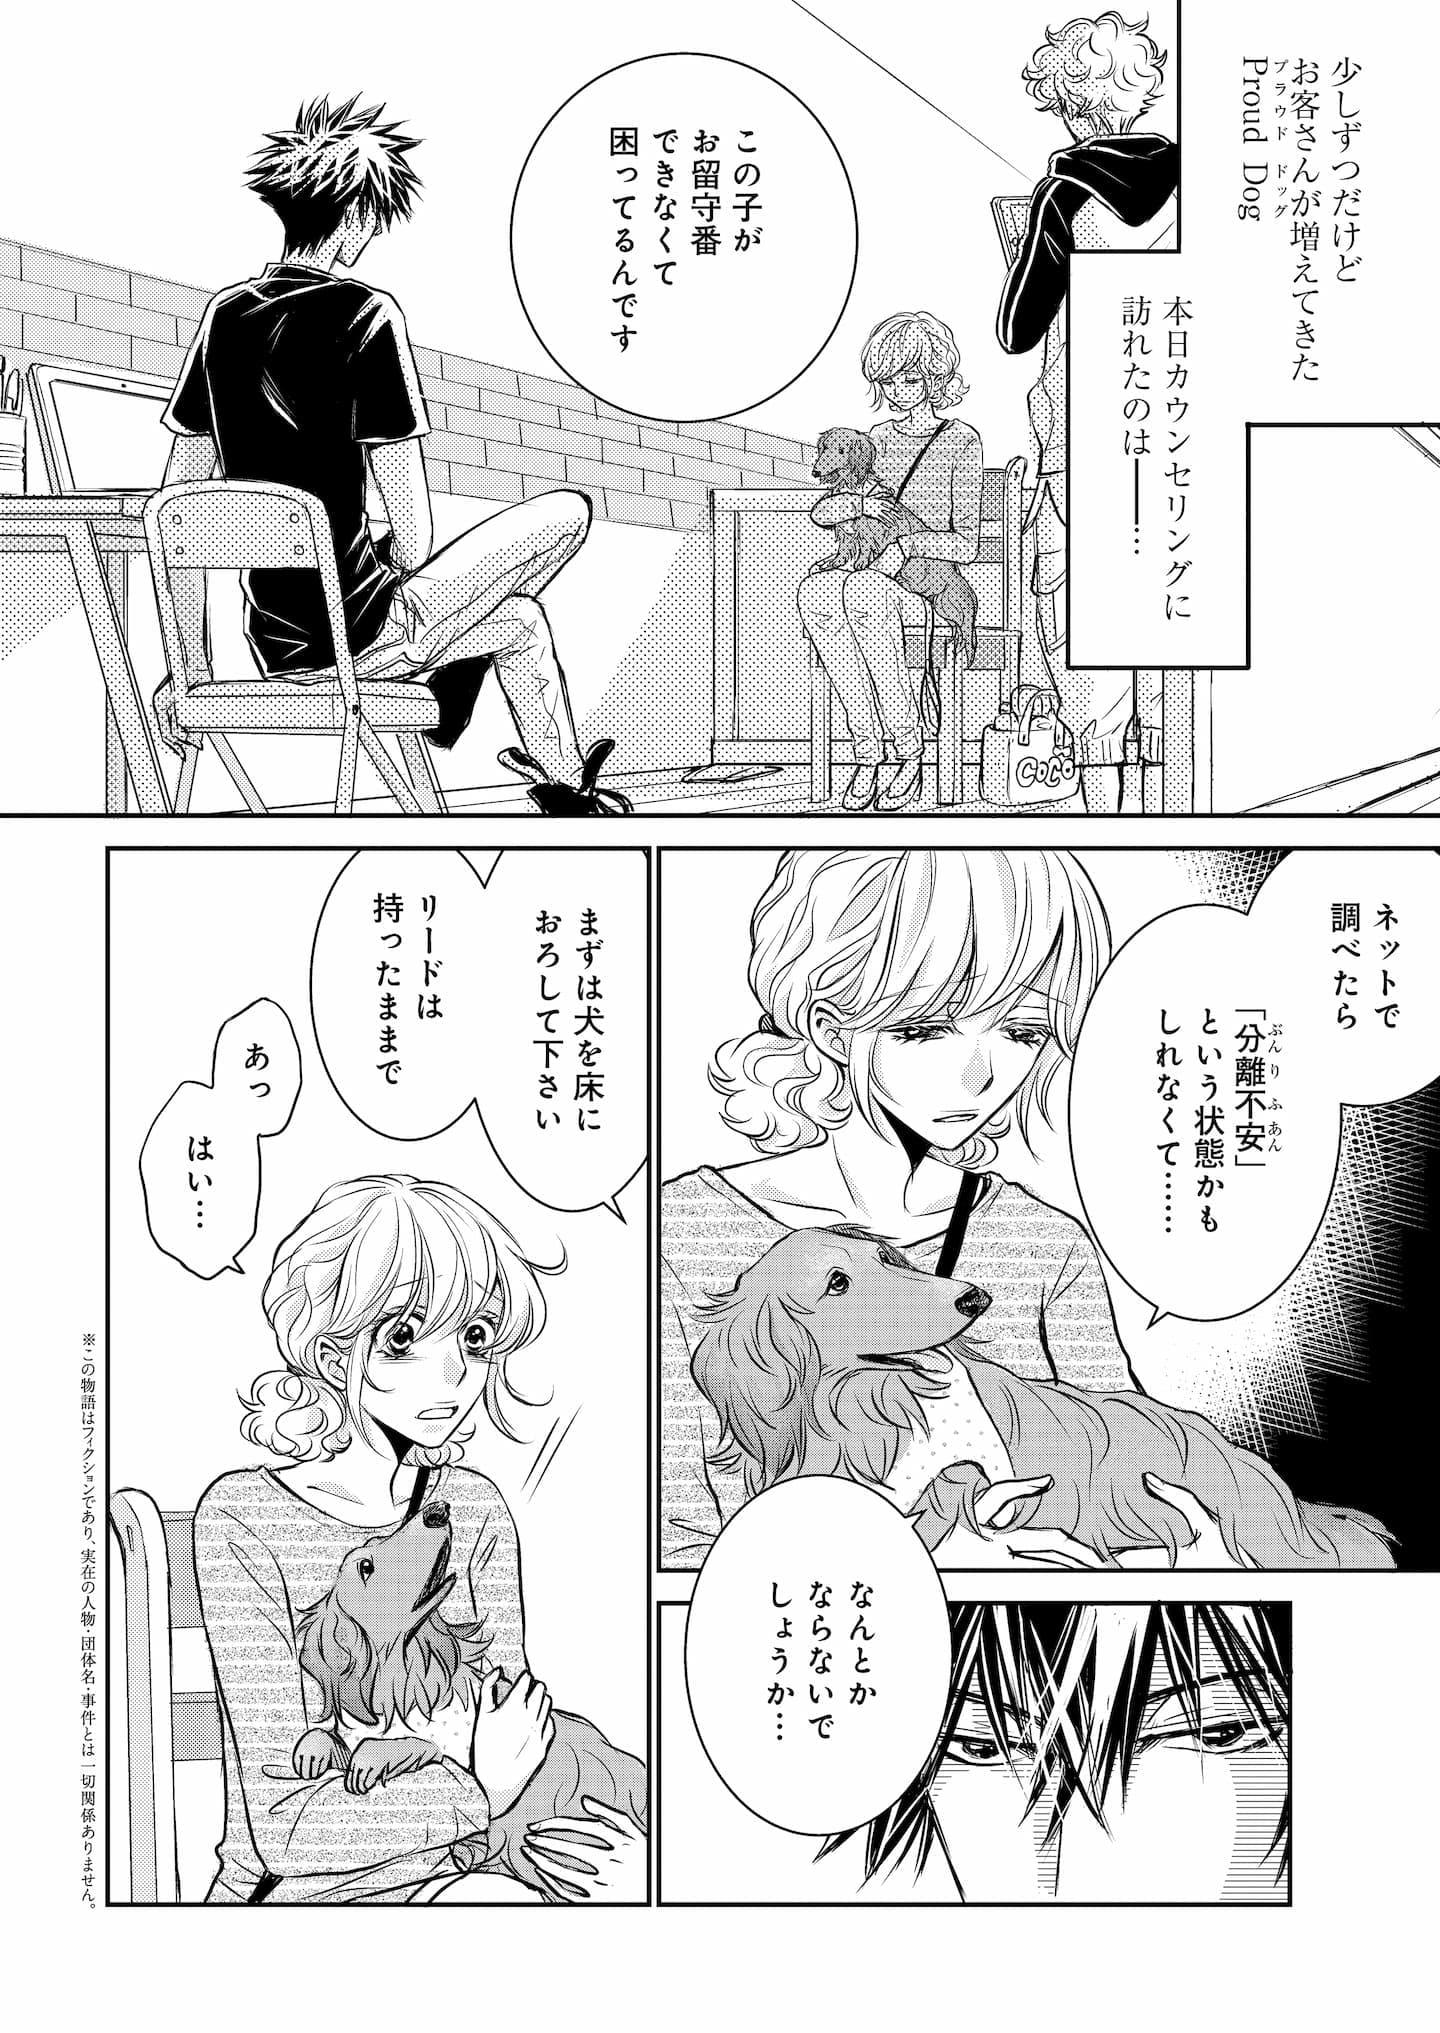 『DOG SIGNAL』7話目① 1ページ目